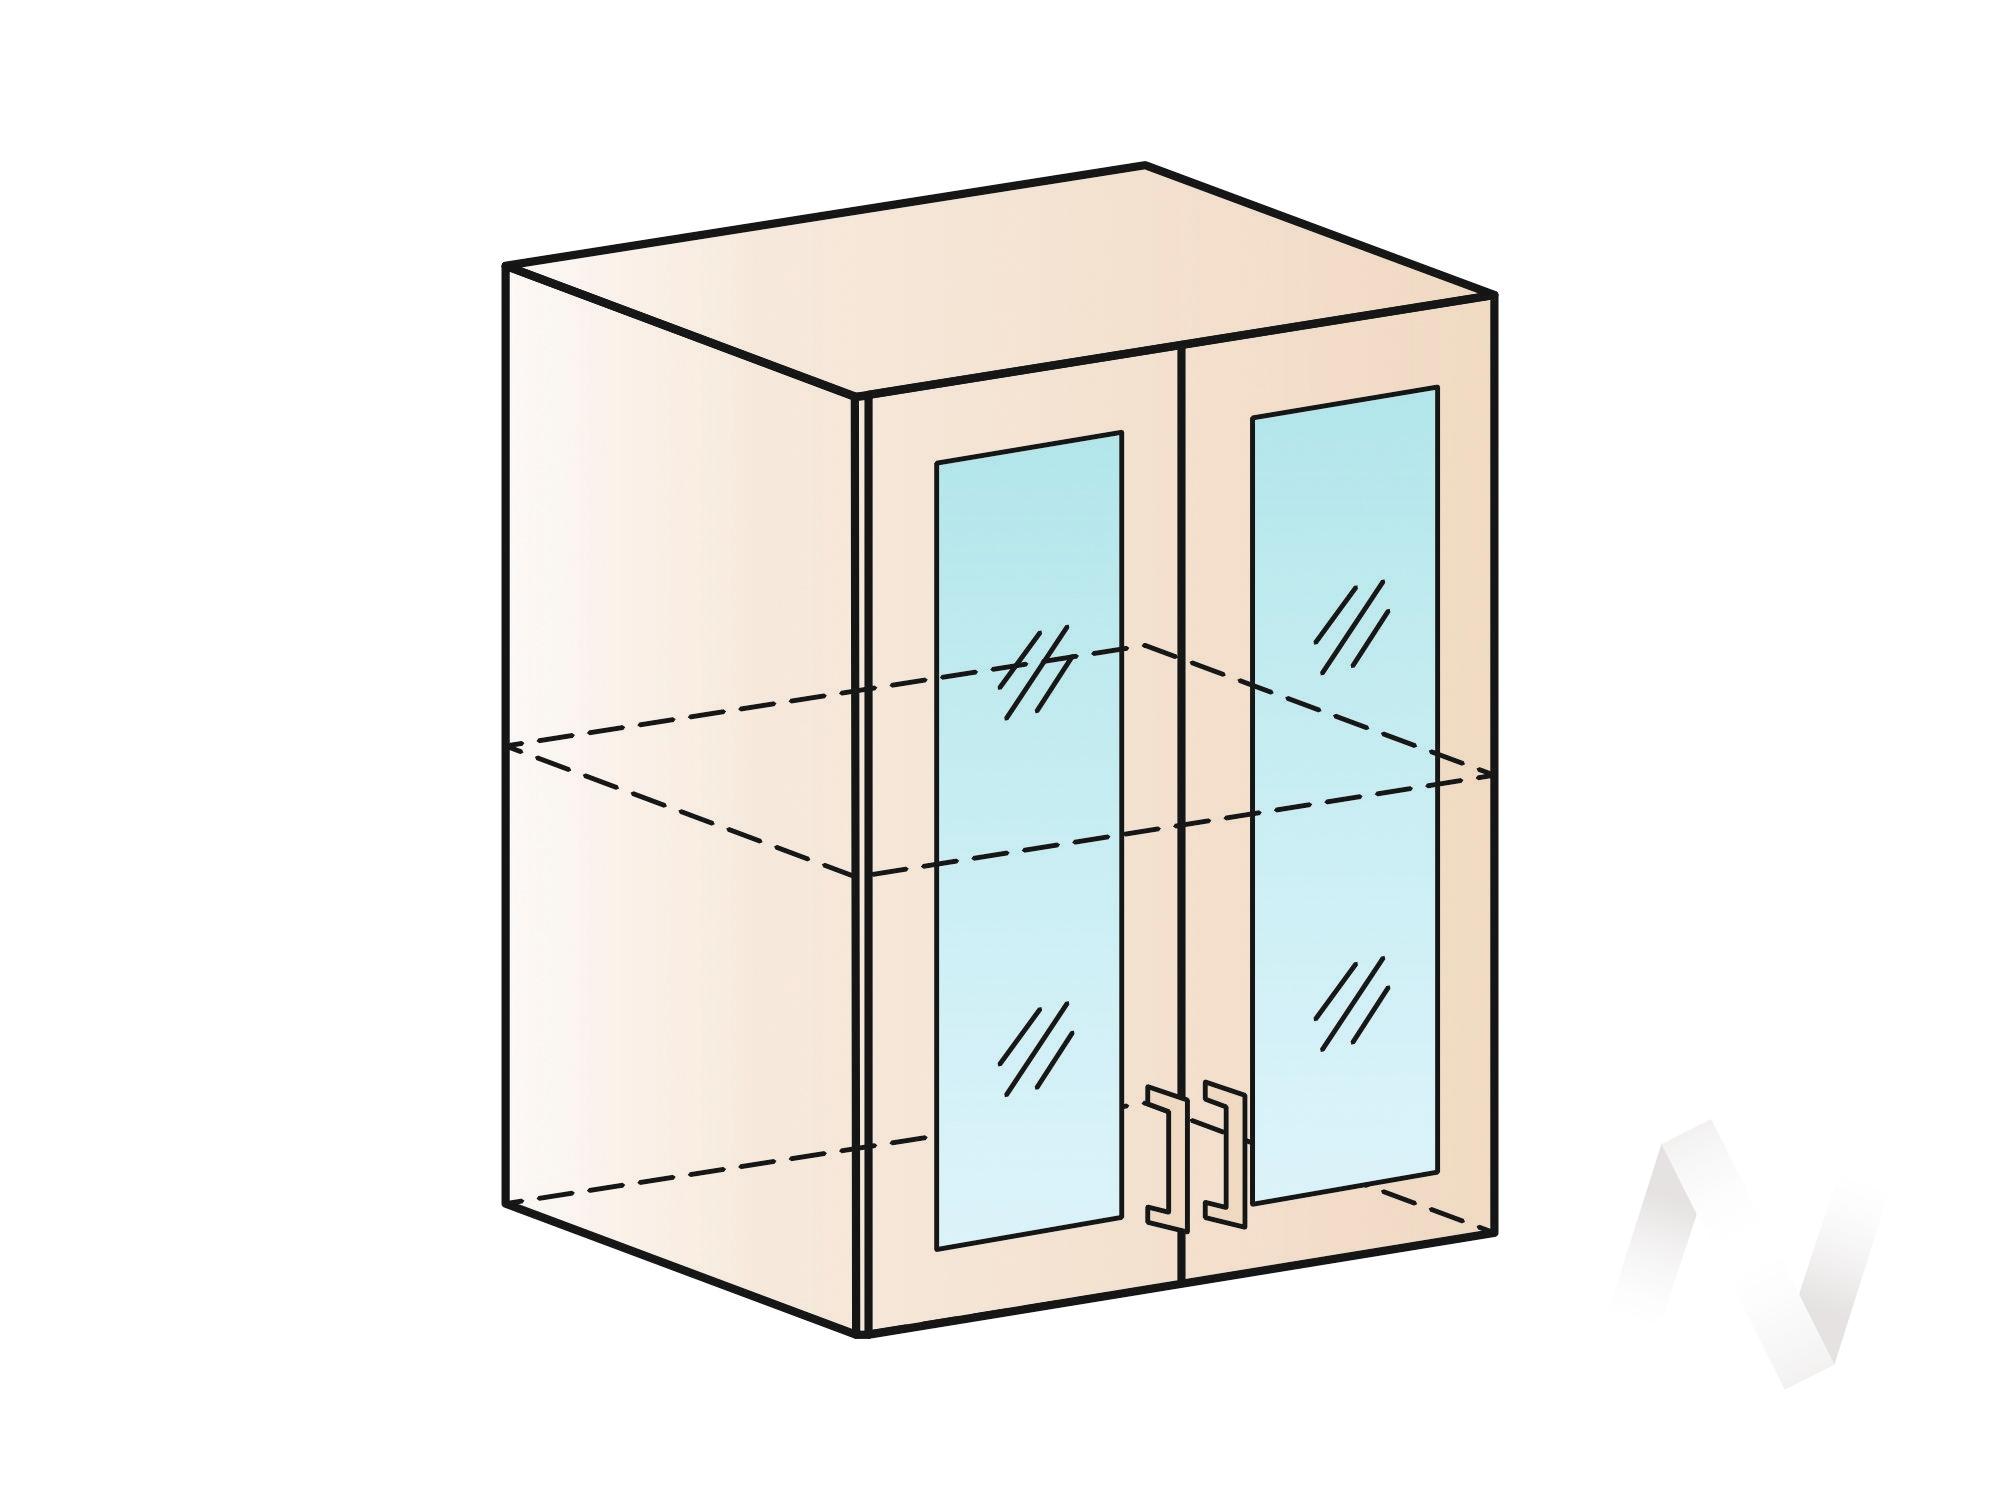 """Кухня """"Люкс"""": Шкаф верхний со стеклом 600, ШВС 600 (Шелк венге/корпус венге) в Томске — авторская мебель Экостиль"""